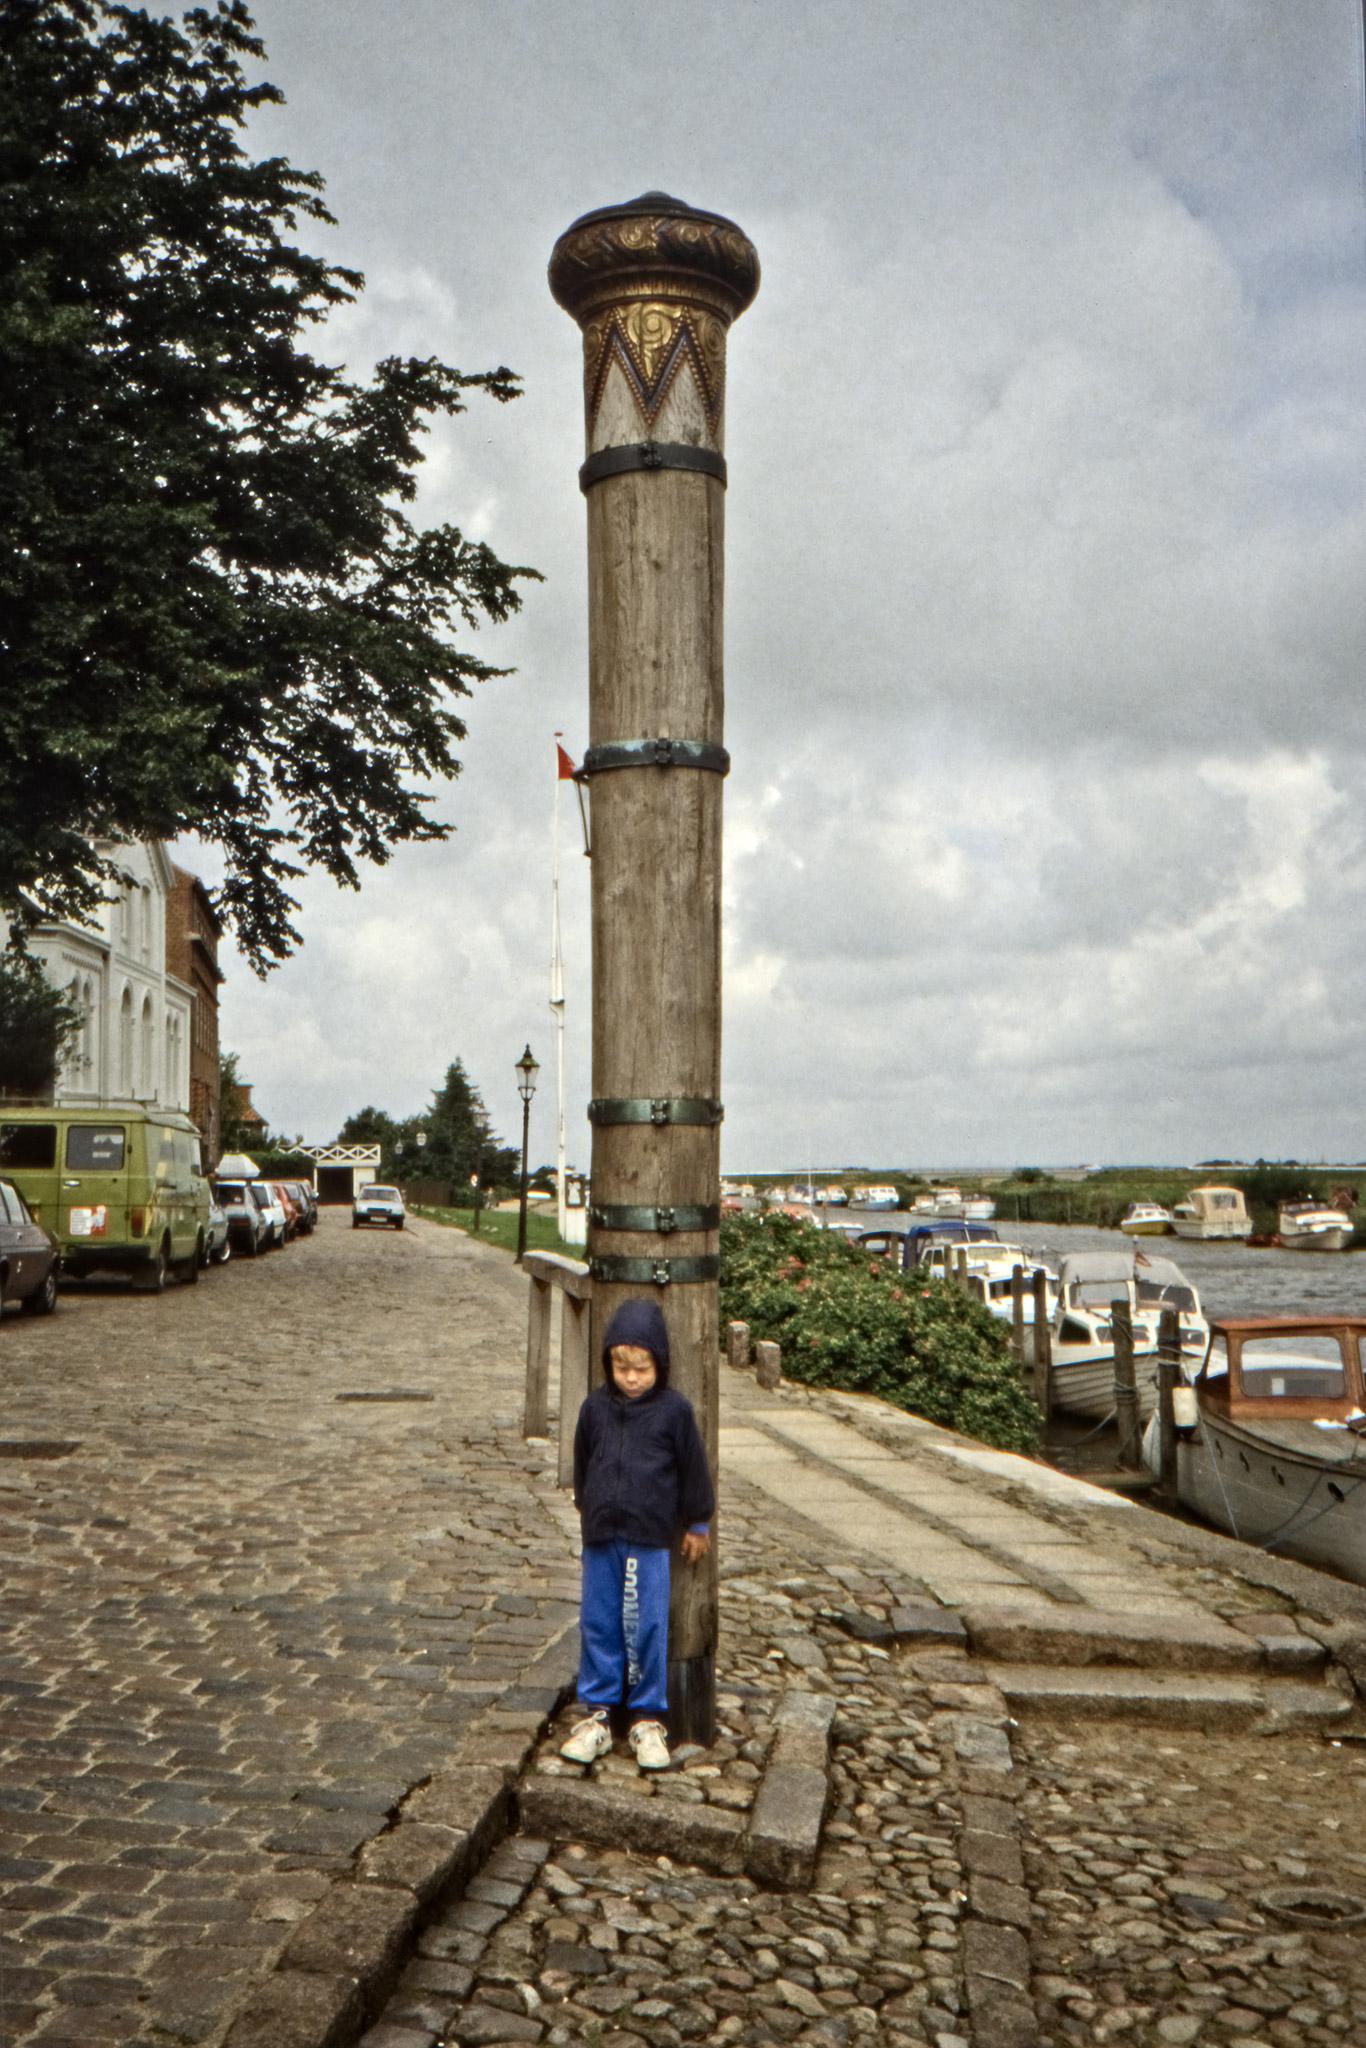 Arvid och stormflodsstötten i Ribes hamn.